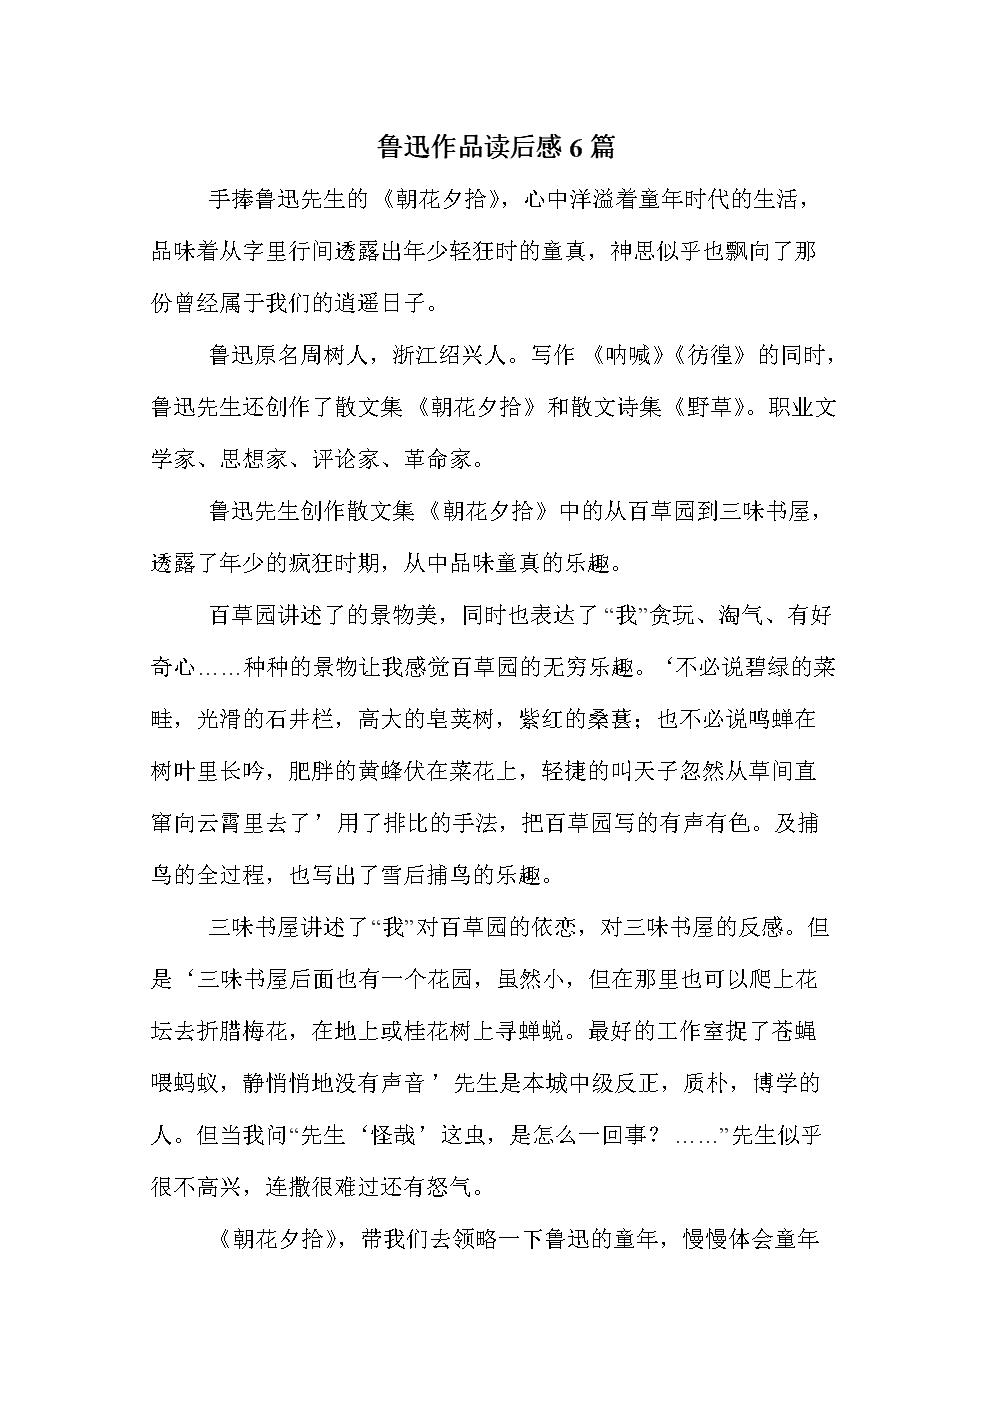 鲁迅作品读后感6篇 .doc